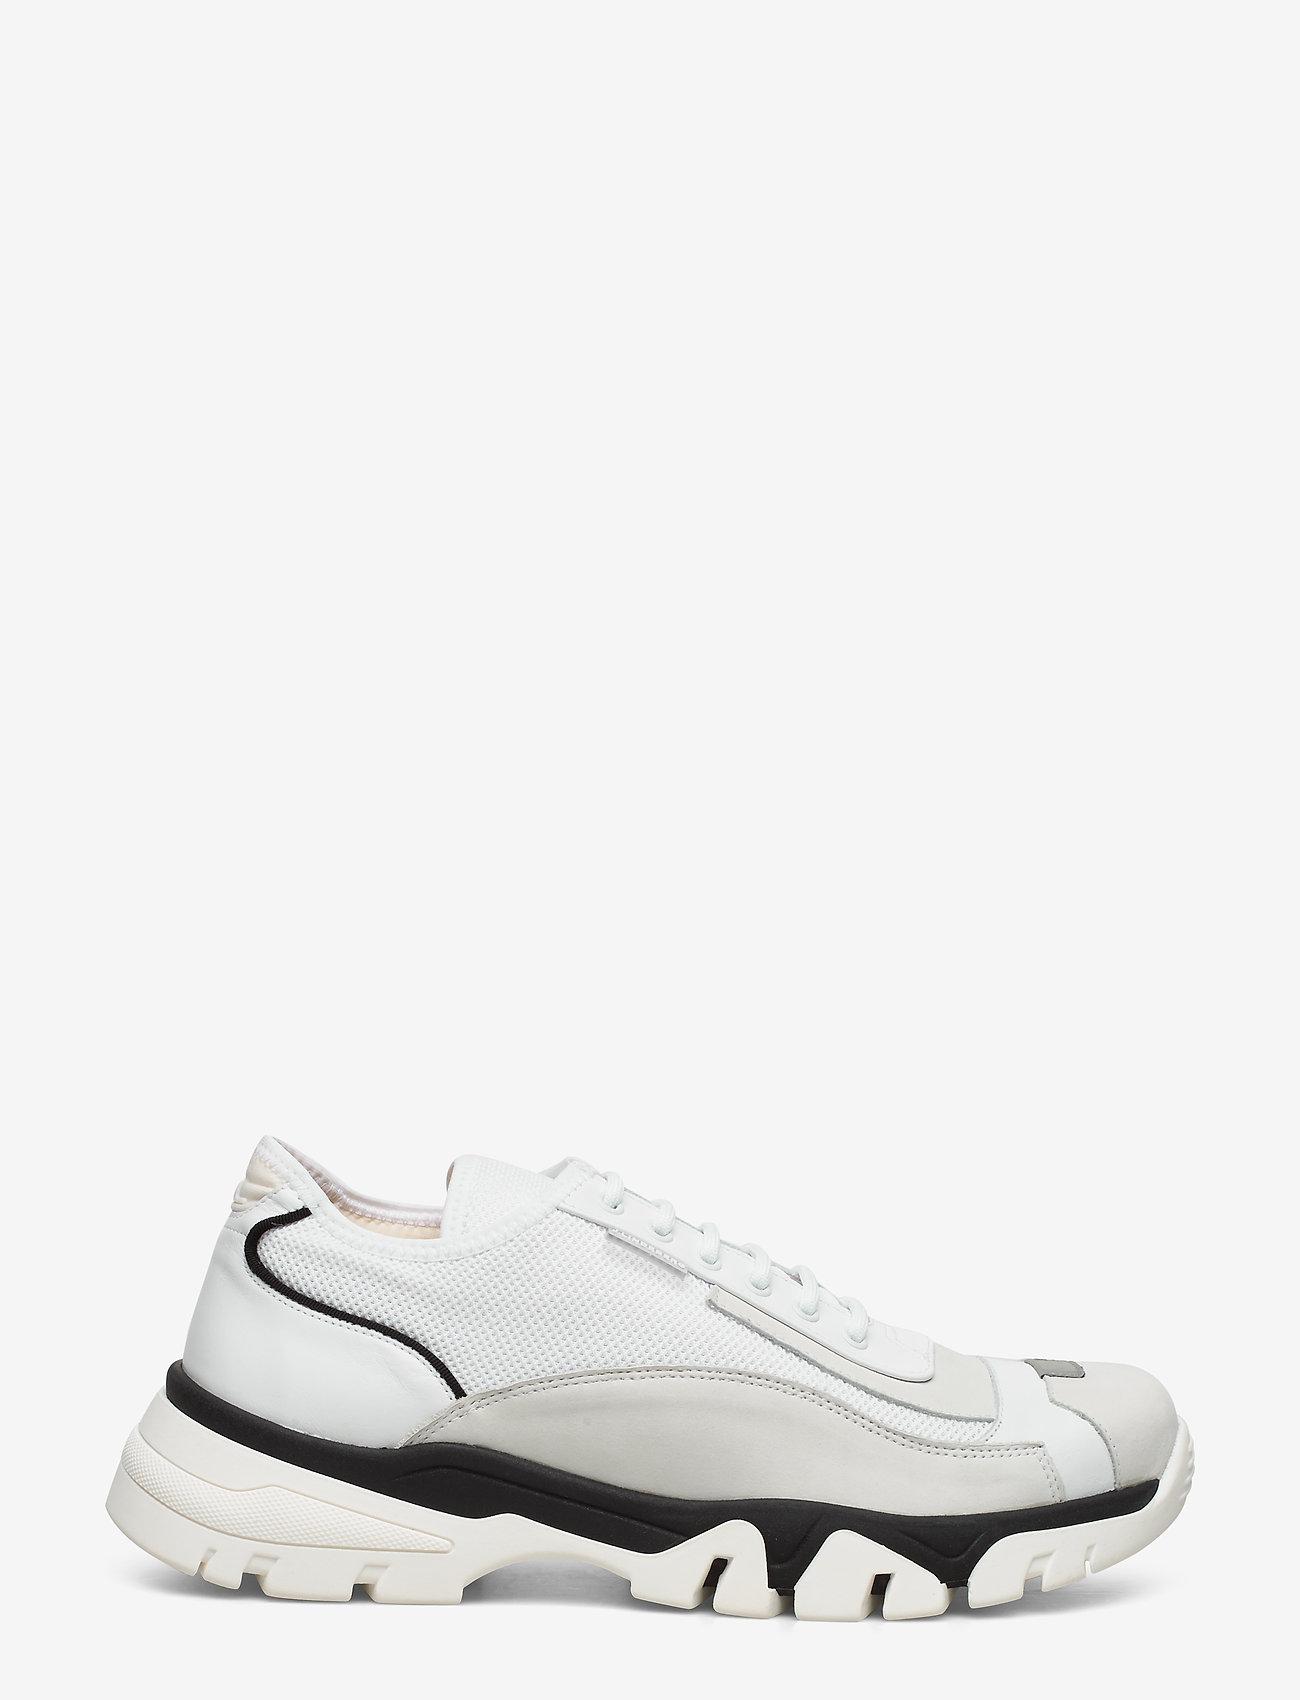 J. Lindeberg - Rory LT Sneaker-Mixed fabric - niedriger schnitt - white - 1